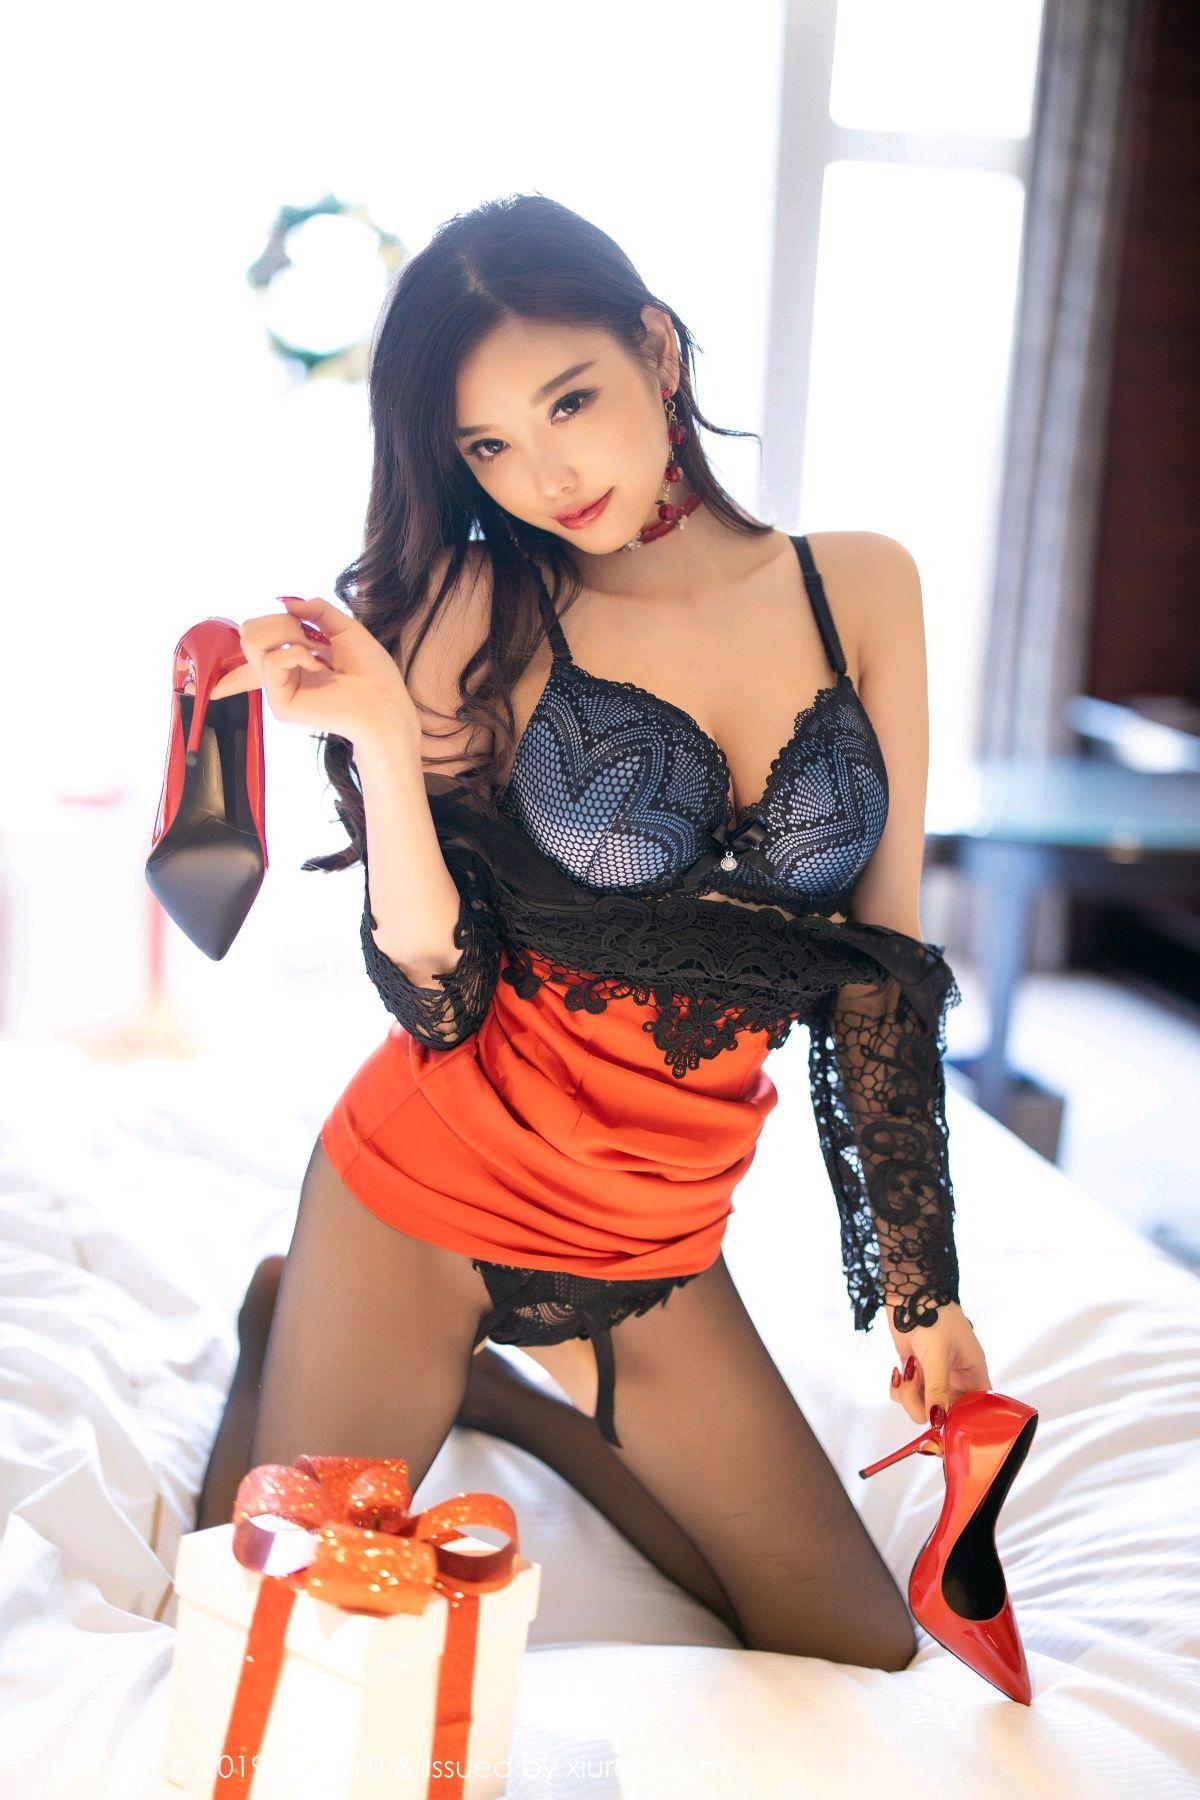 [XiaoYu] Vol.225 Yang Chen Chen 65P, Christmas, Underwear, XiaoYu, Yang Chen Chen